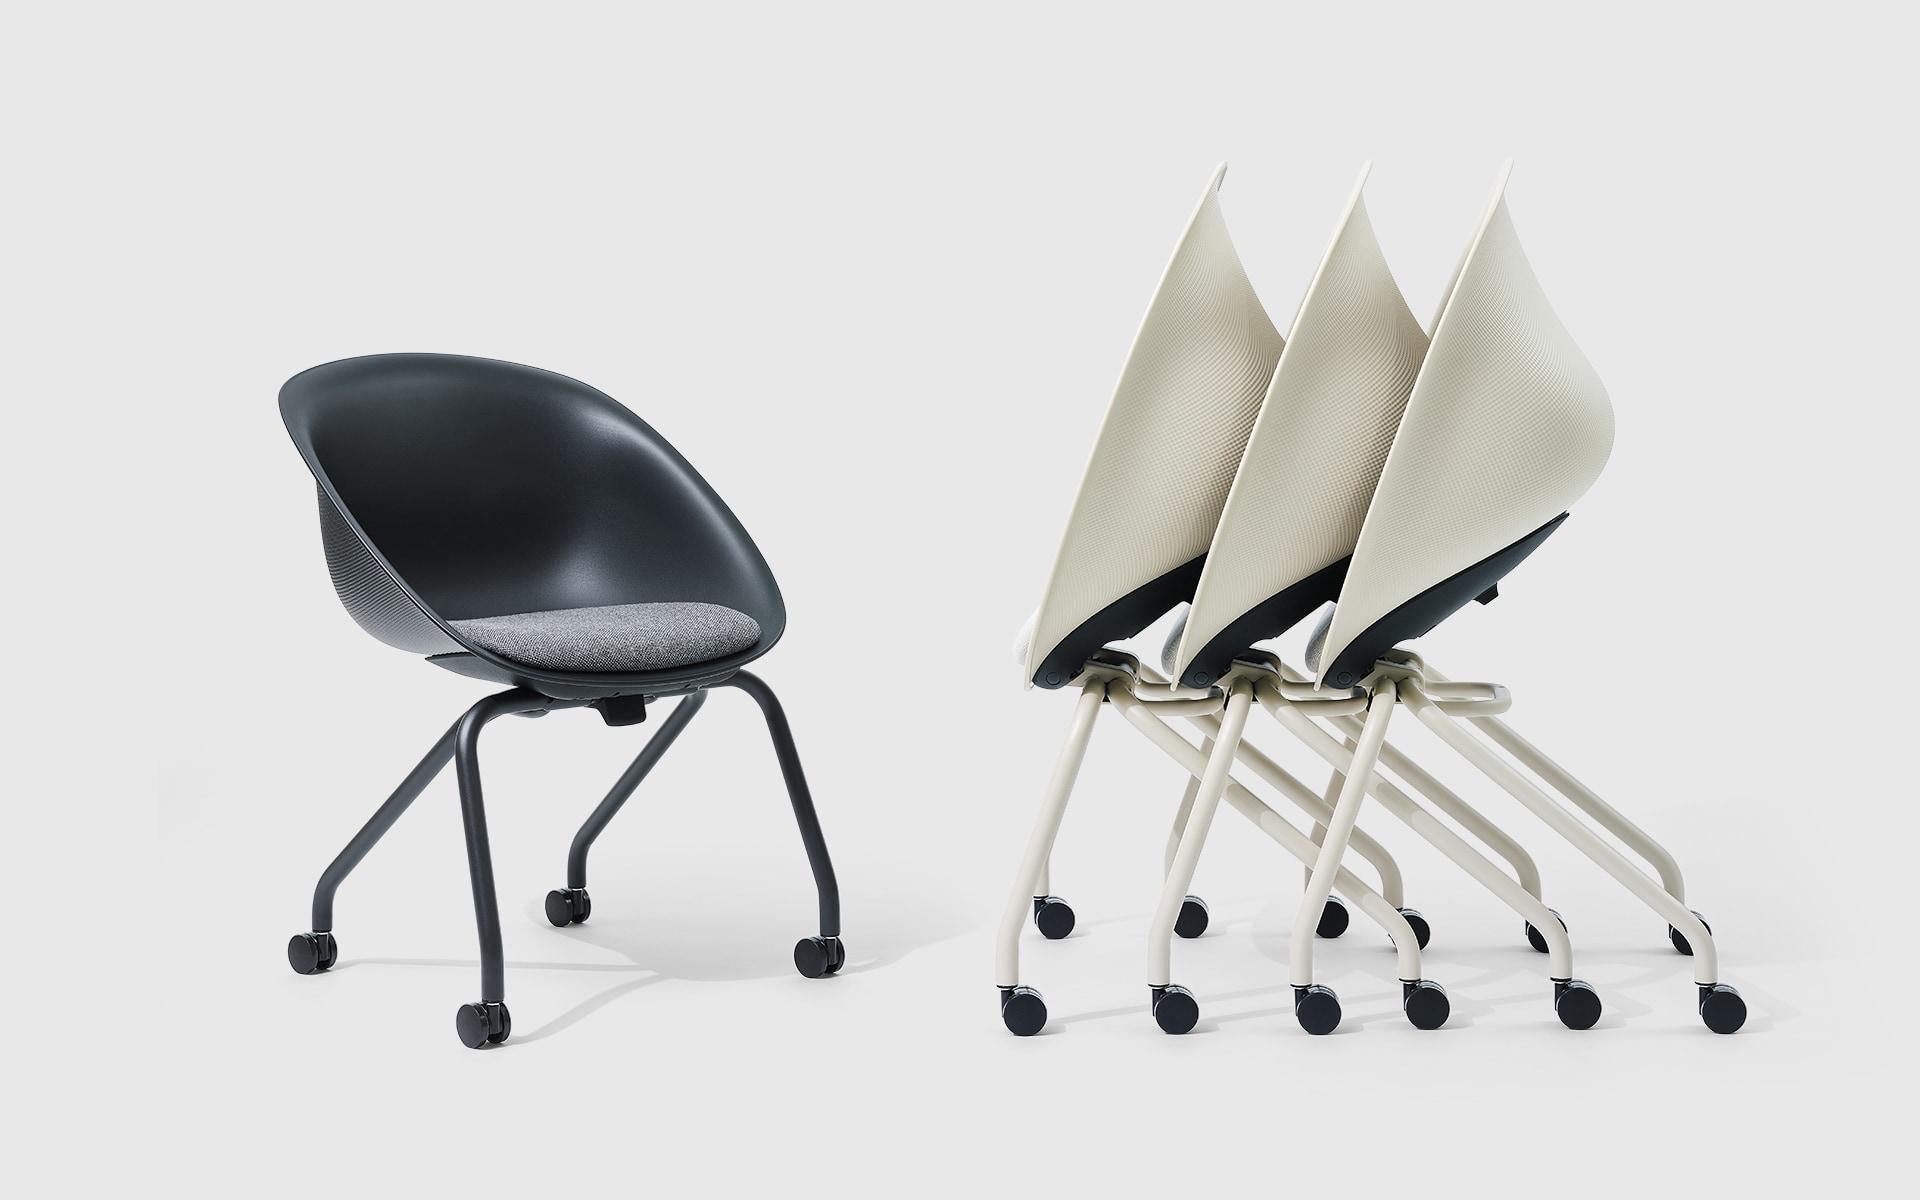 Ein schwarzer und drei weiße, gestaffelte ITOKI Wan Schalenstühle von ITO Design